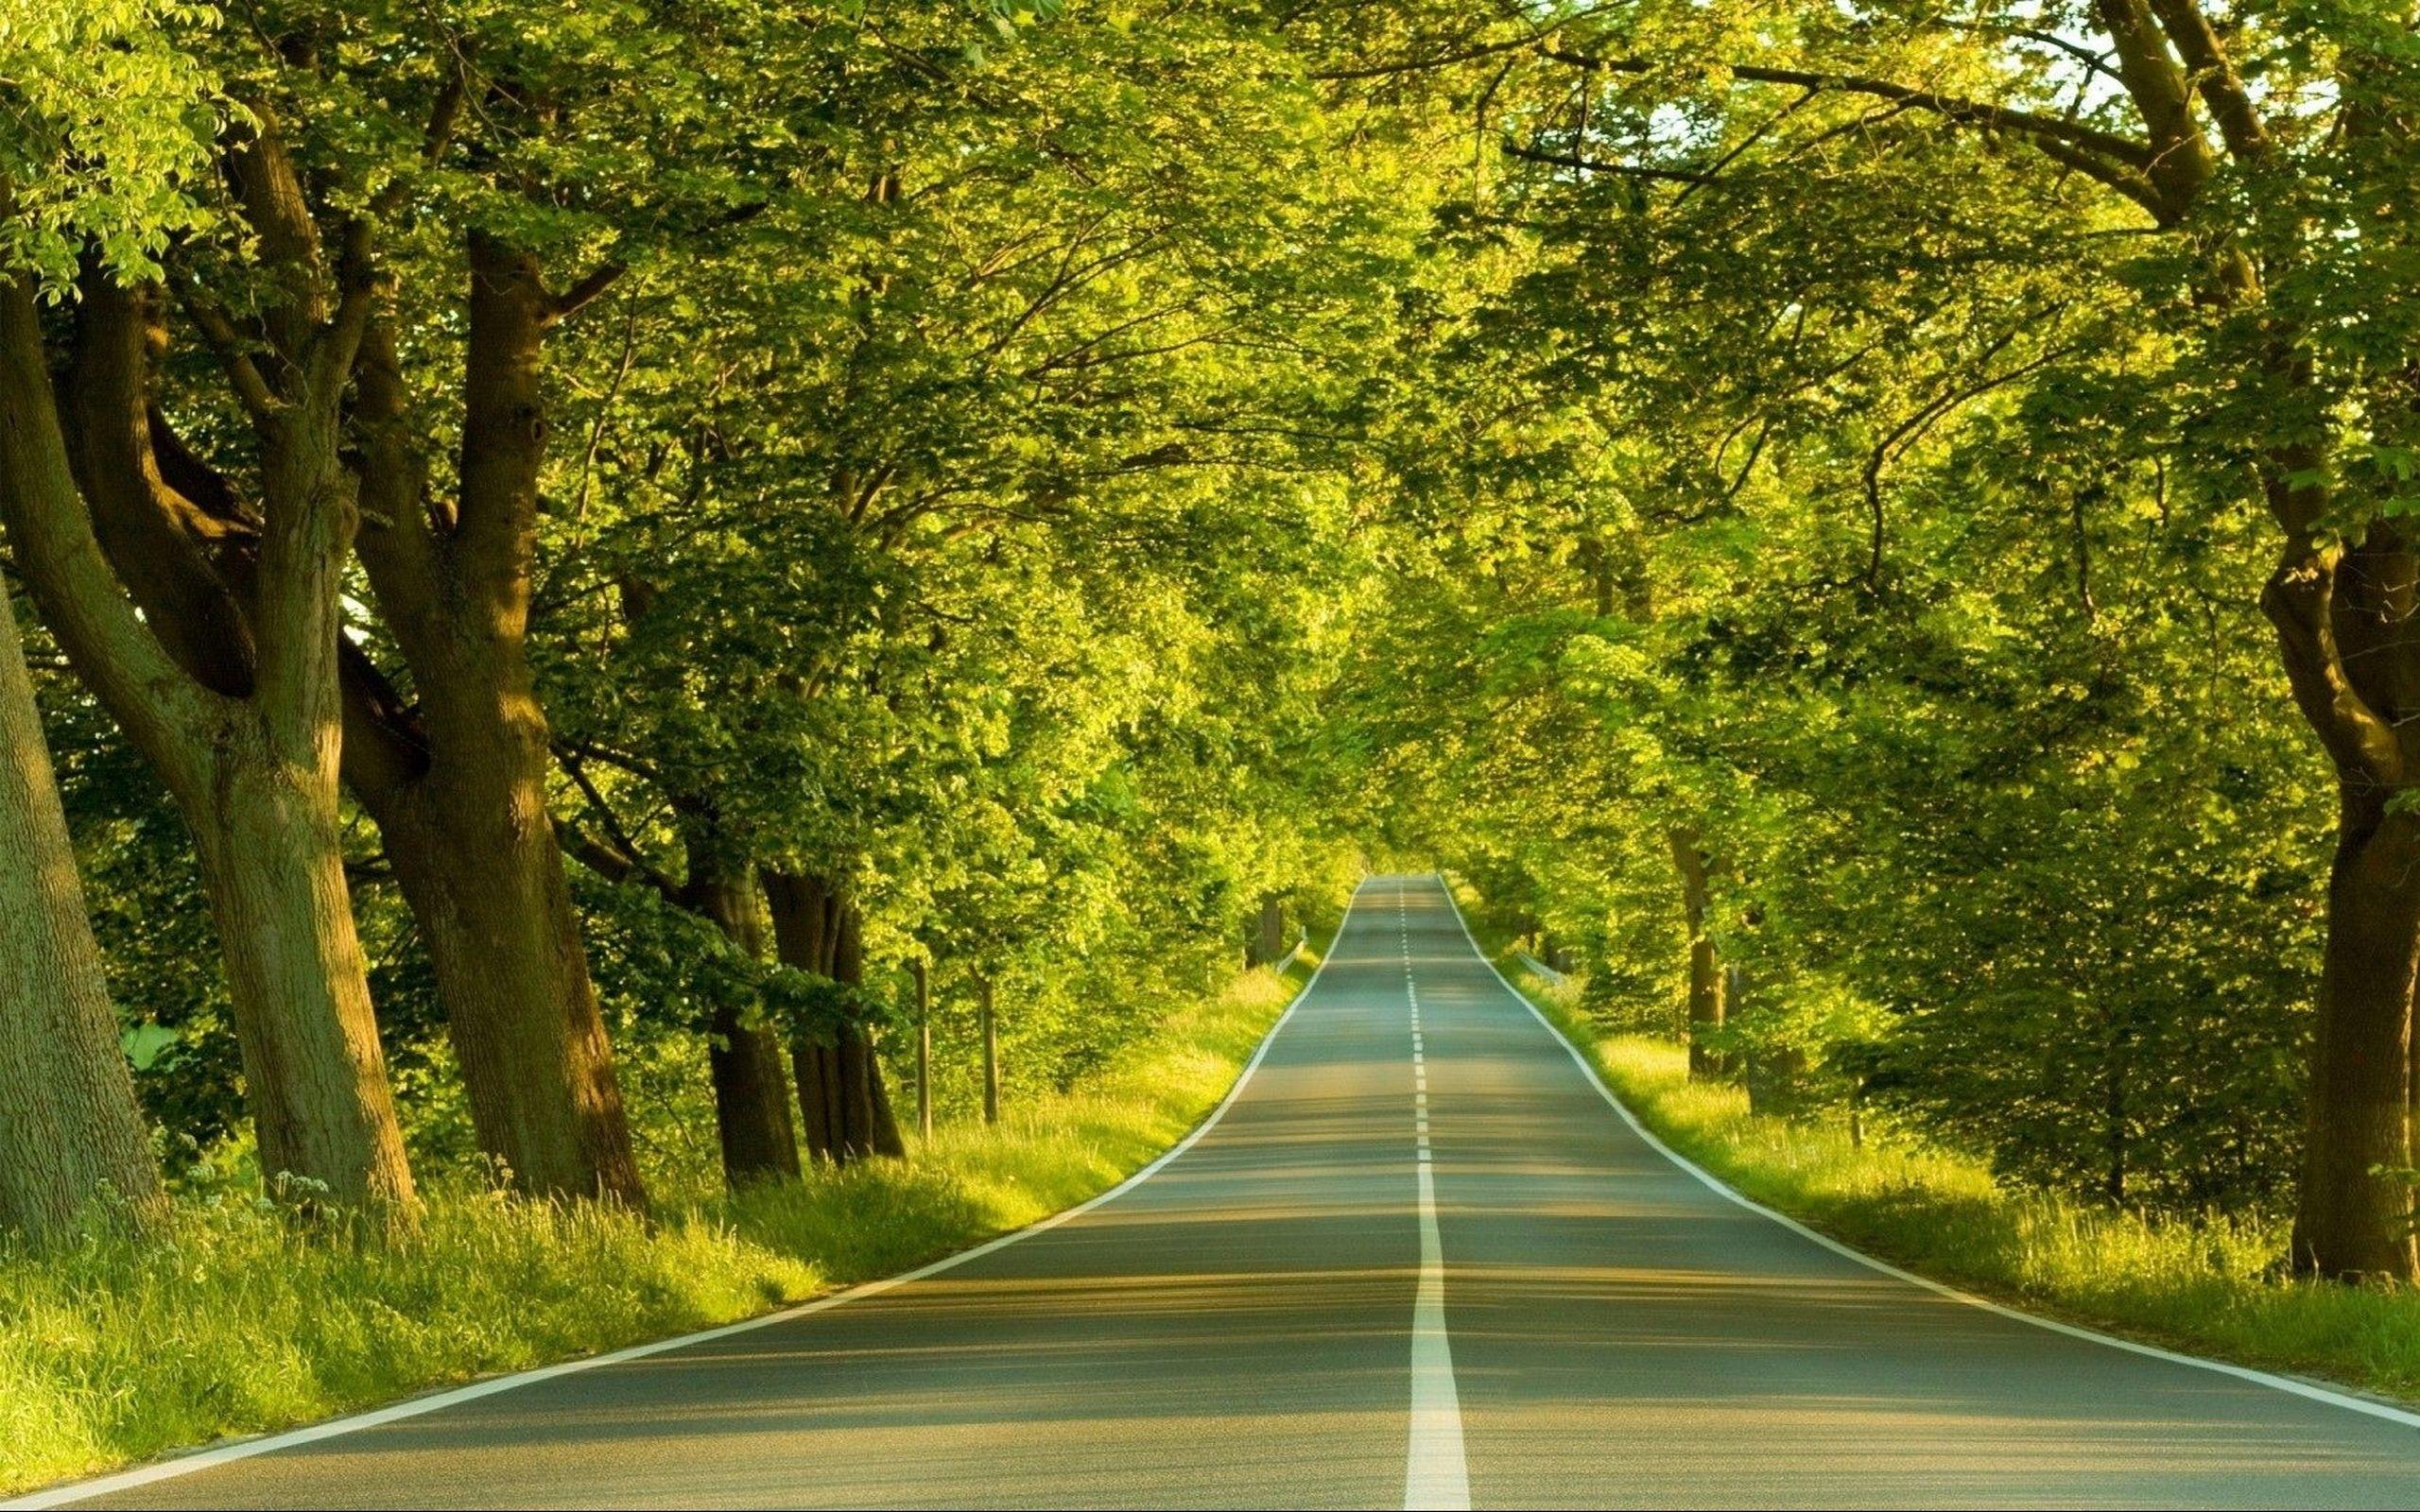 отечественная картинка с природой и дорог организациях